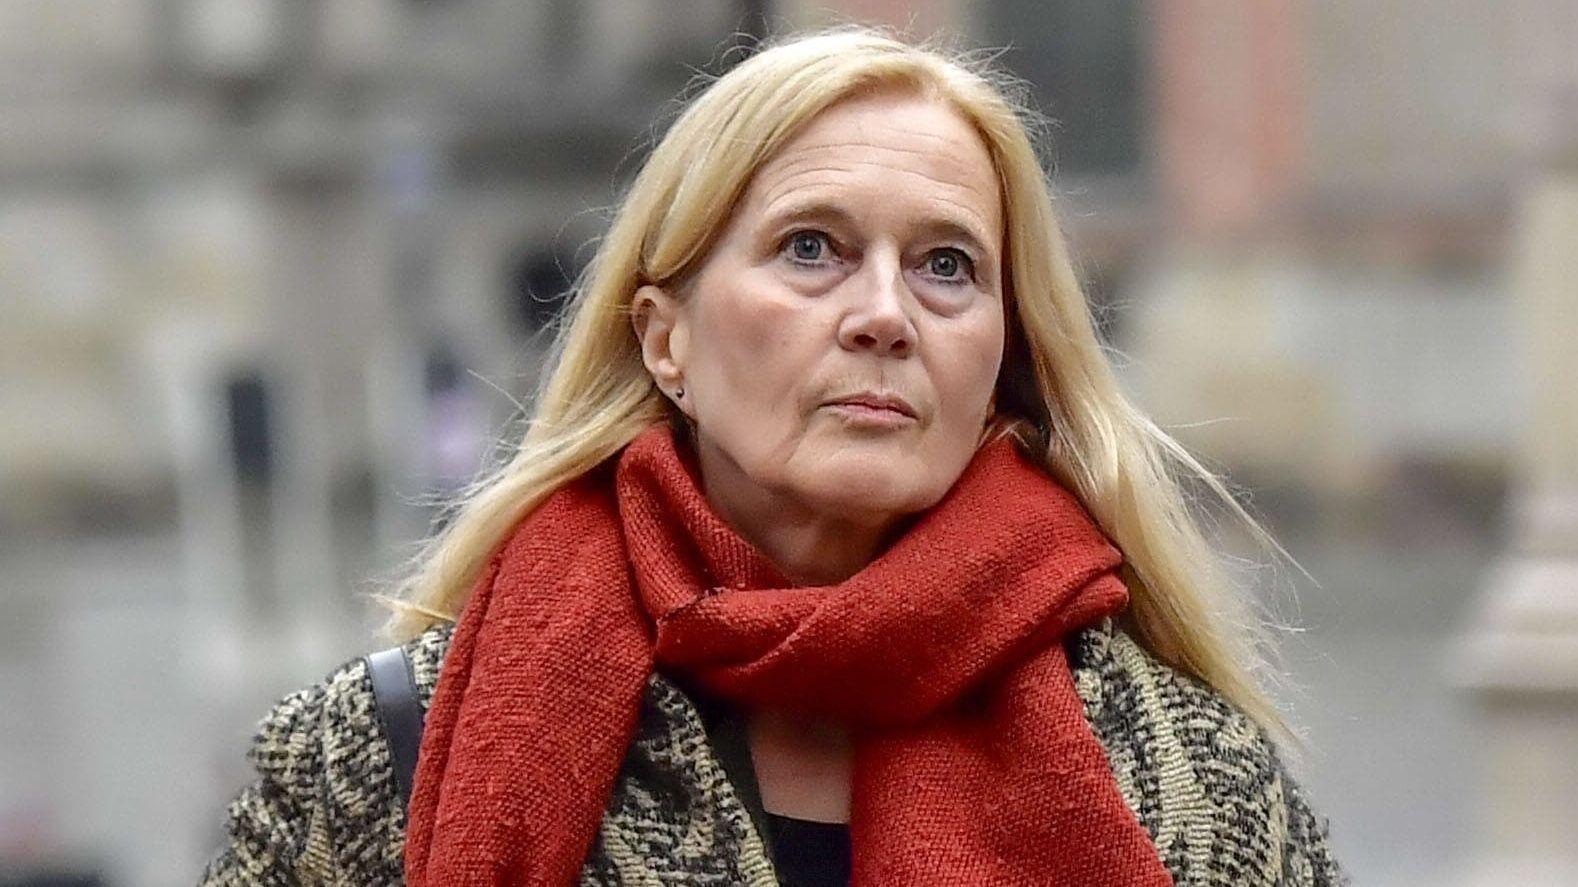 Katarina Frostenson auf dem Weg zum Prozess gegen ihren Ehemann